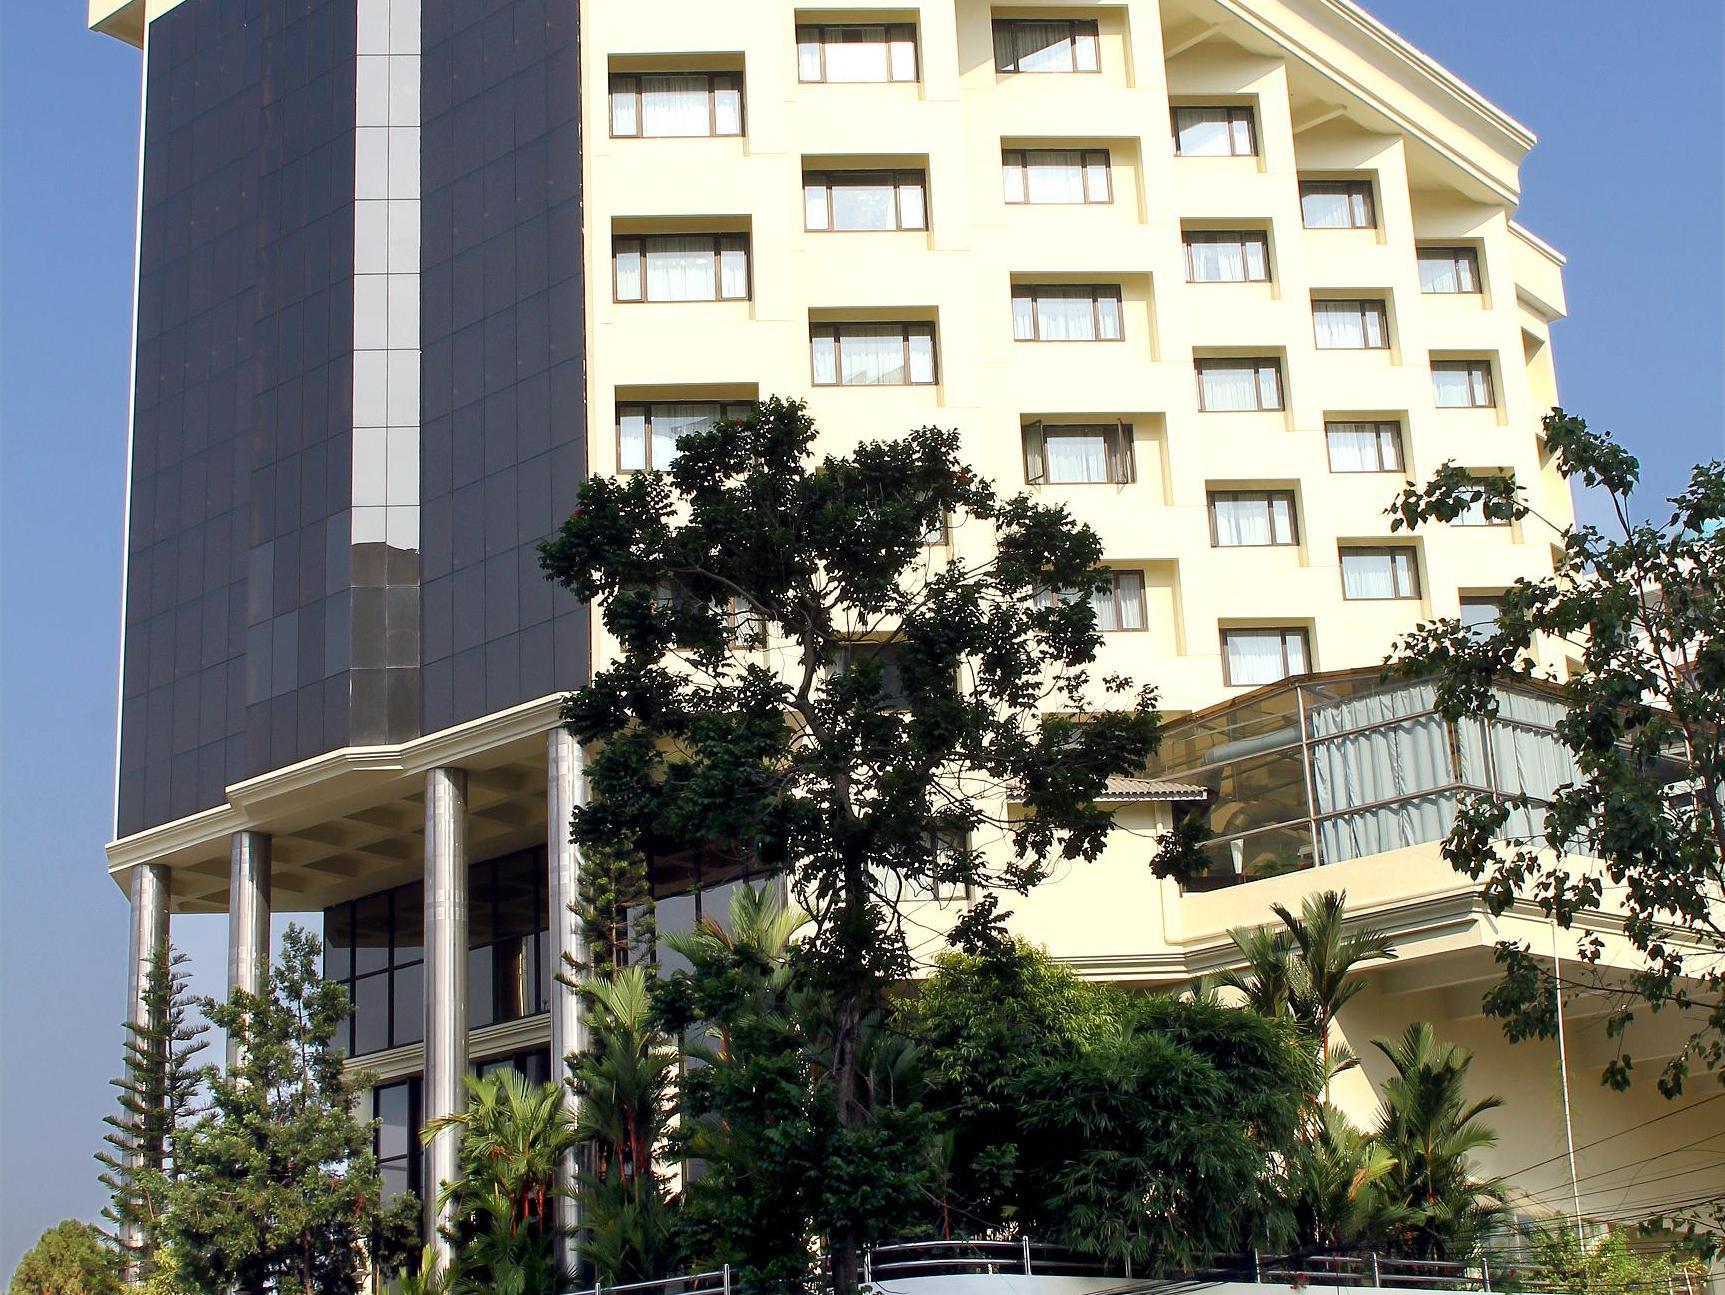 Gokulam Park Hotel - Hotell och Boende i Indien i Kochi / Cochin